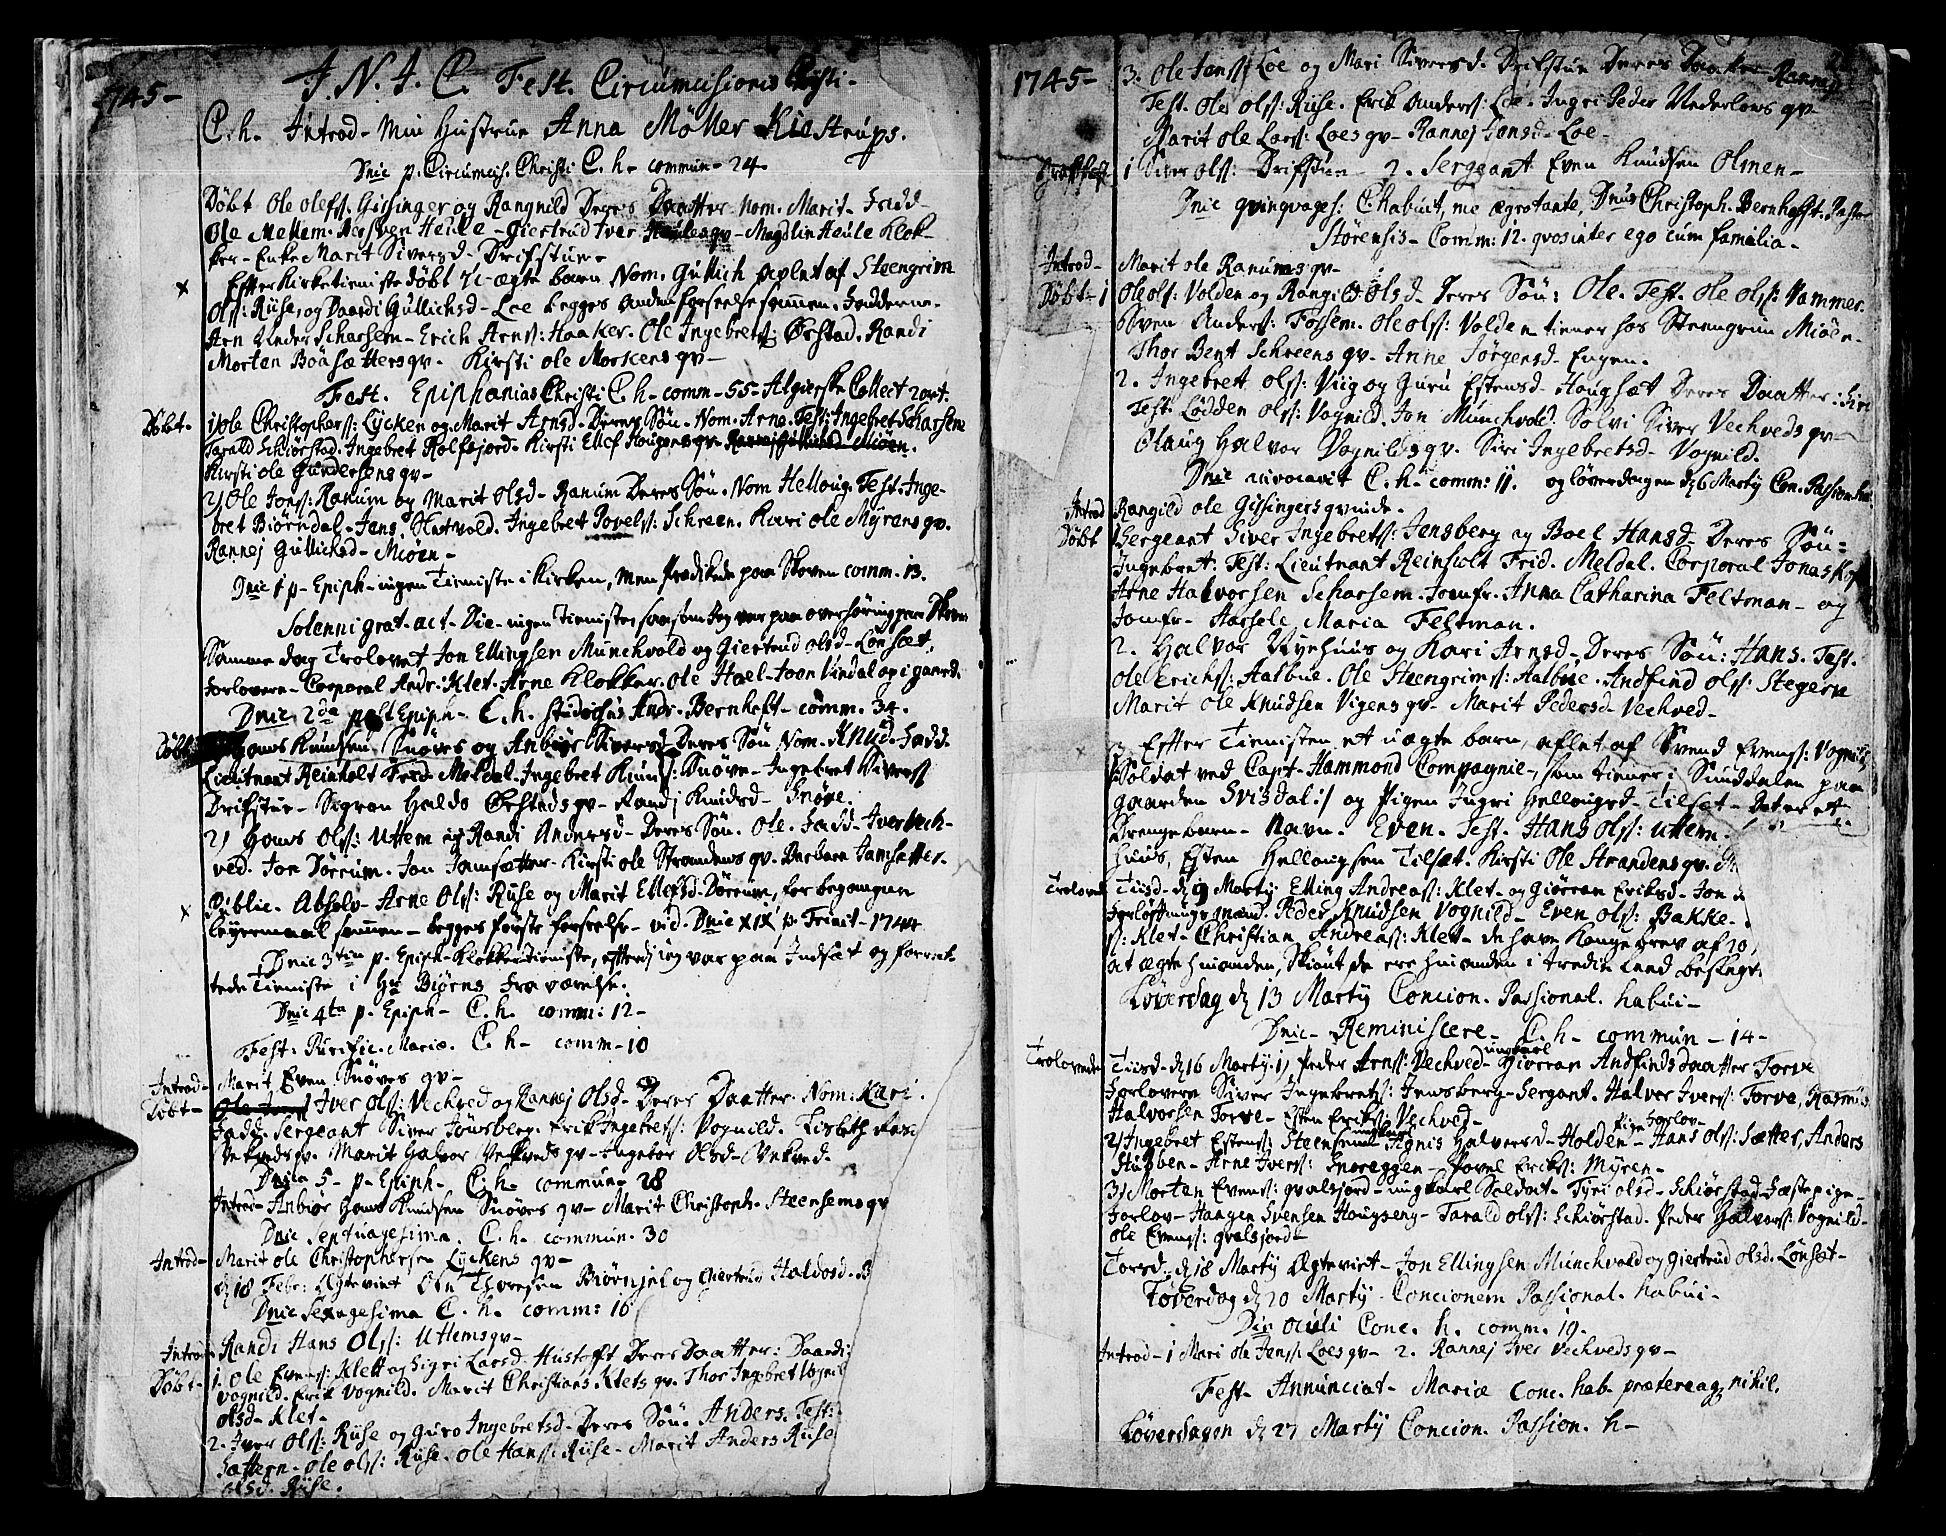 SAT, Ministerialprotokoller, klokkerbøker og fødselsregistre - Sør-Trøndelag, 678/L0891: Ministerialbok nr. 678A01, 1739-1780, s. 25